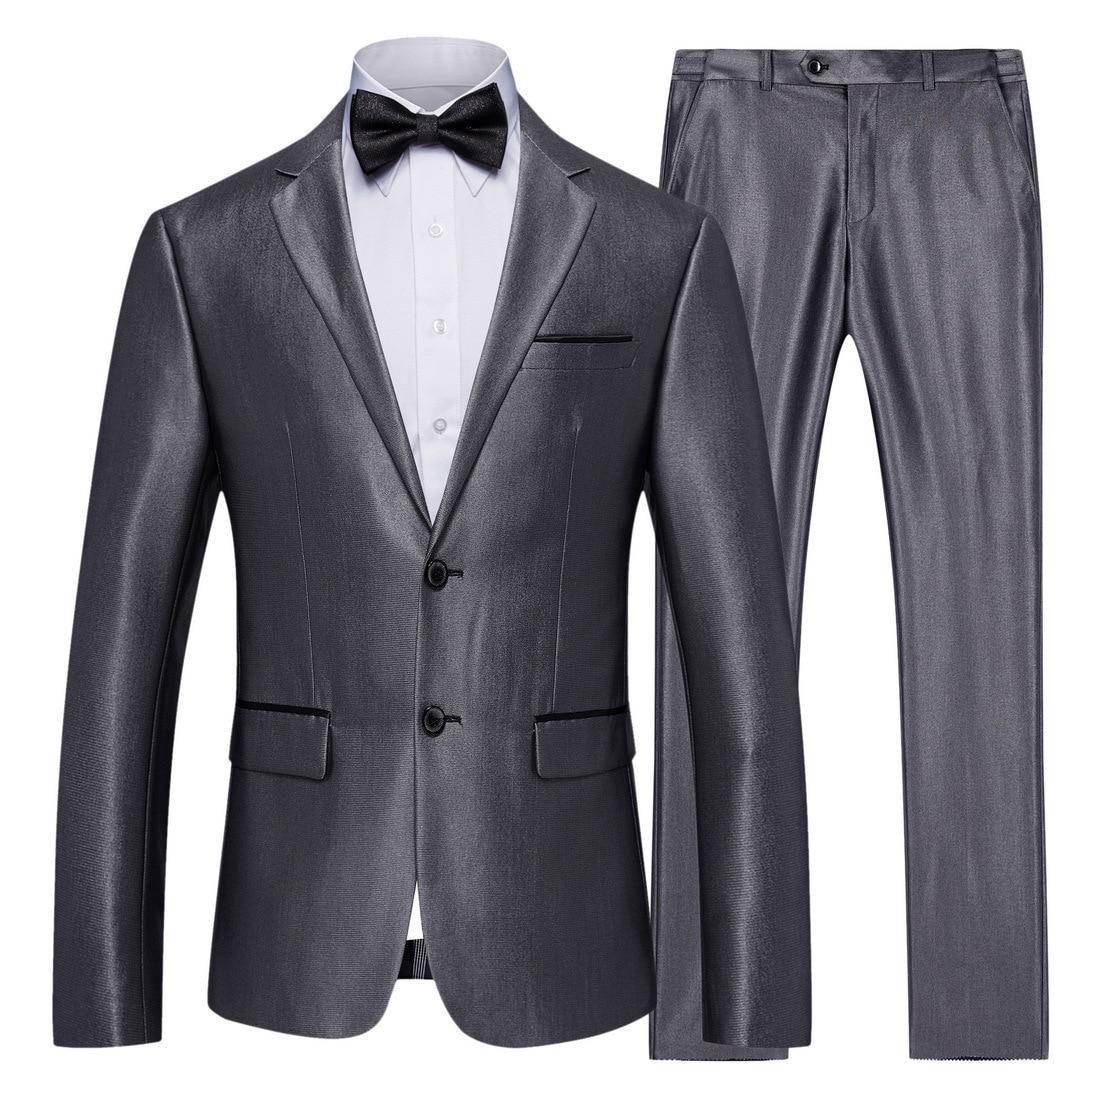 XF004 nuevo 2019 ropa S-5XL Traje De Hombre 2 sets profesional traje de negocios y boda novio padrino trajes para hombre, con pantalones